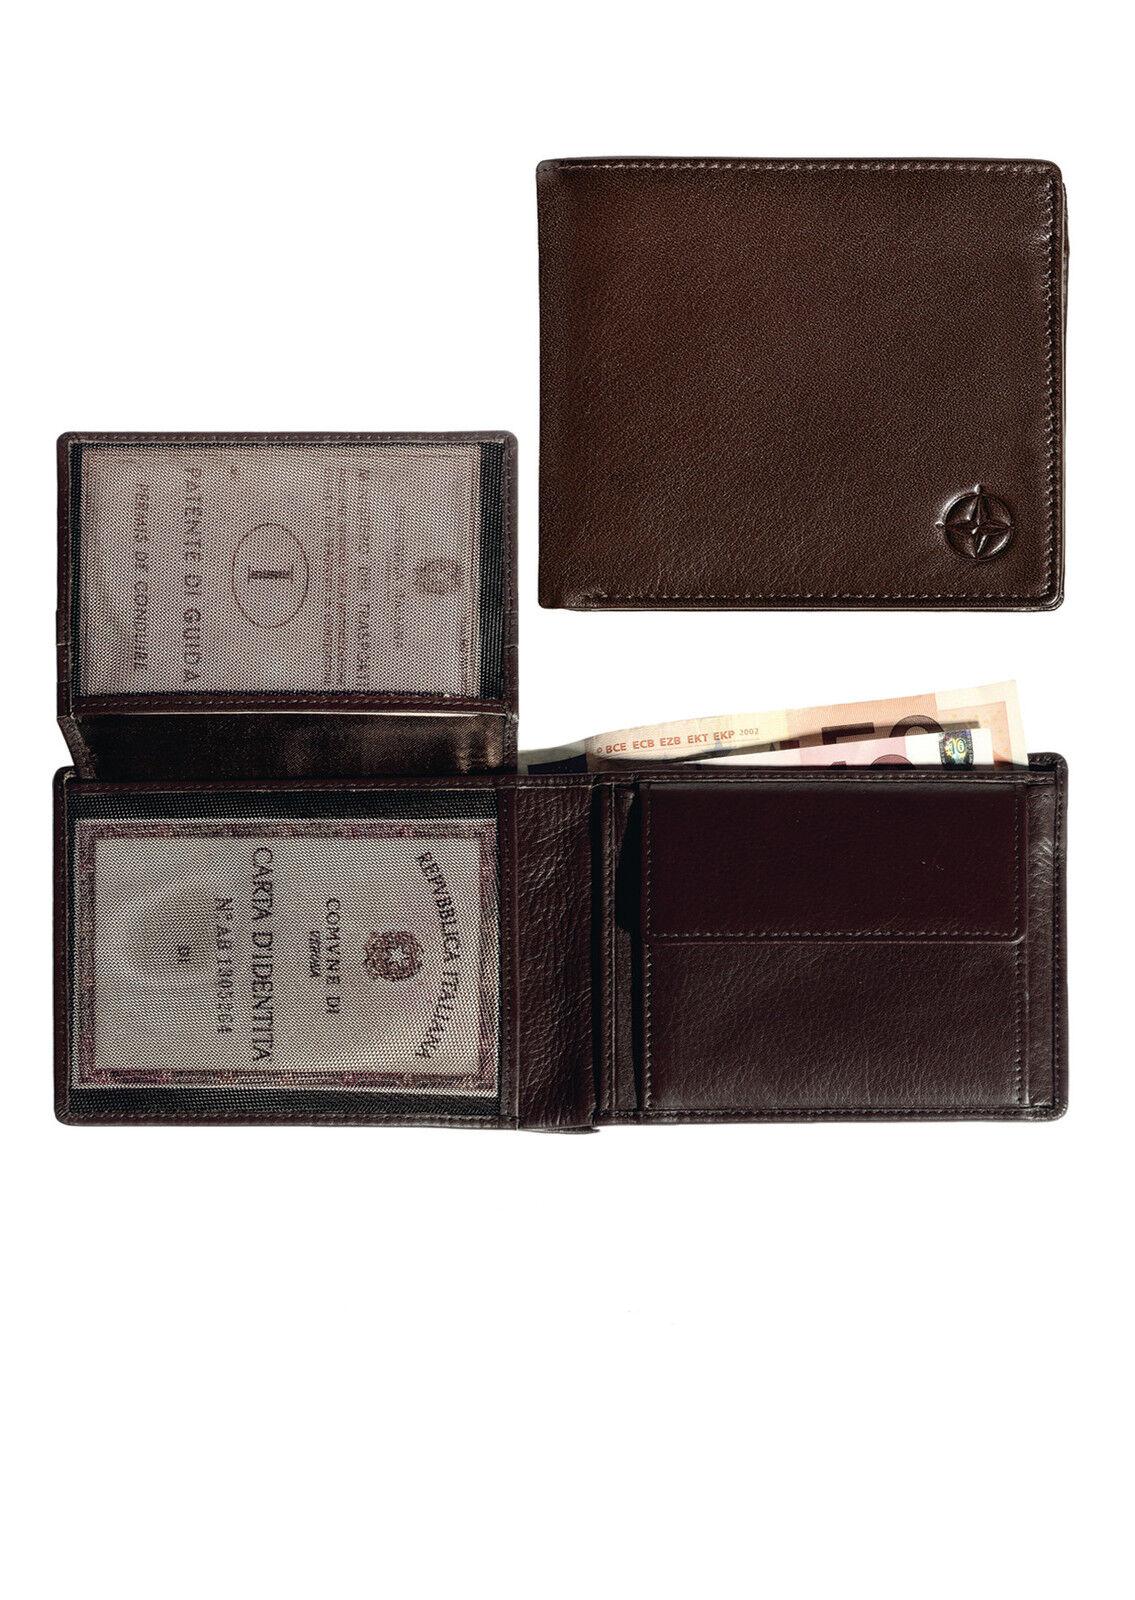 TONY PEROTTI Damen Geldbörse 20 x 10,5 cm in Schwarz echtes Italienisches Leder